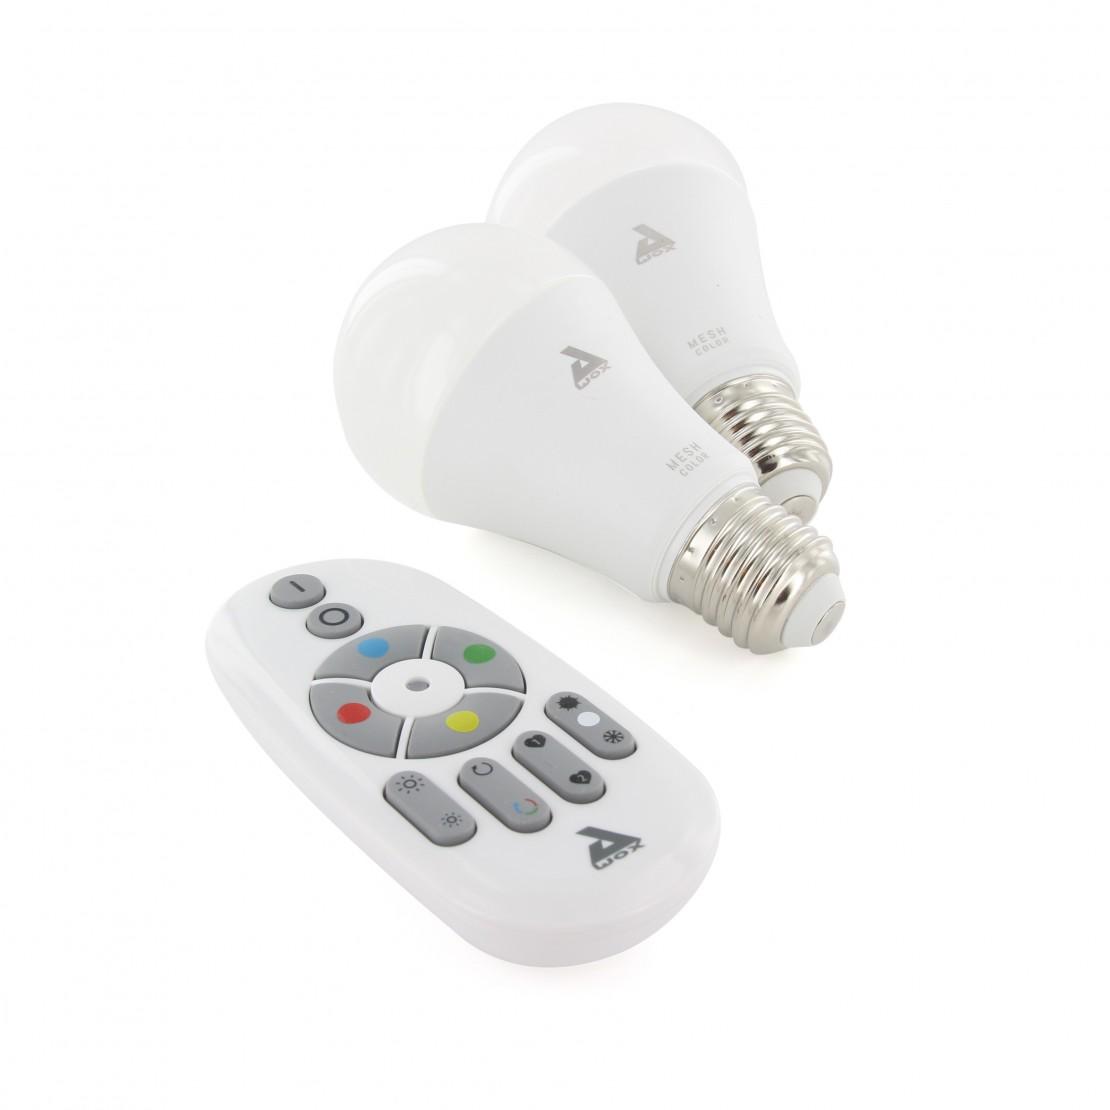 Set 2 ampoules E27 couleur Bluetooth Mesh et télécommande